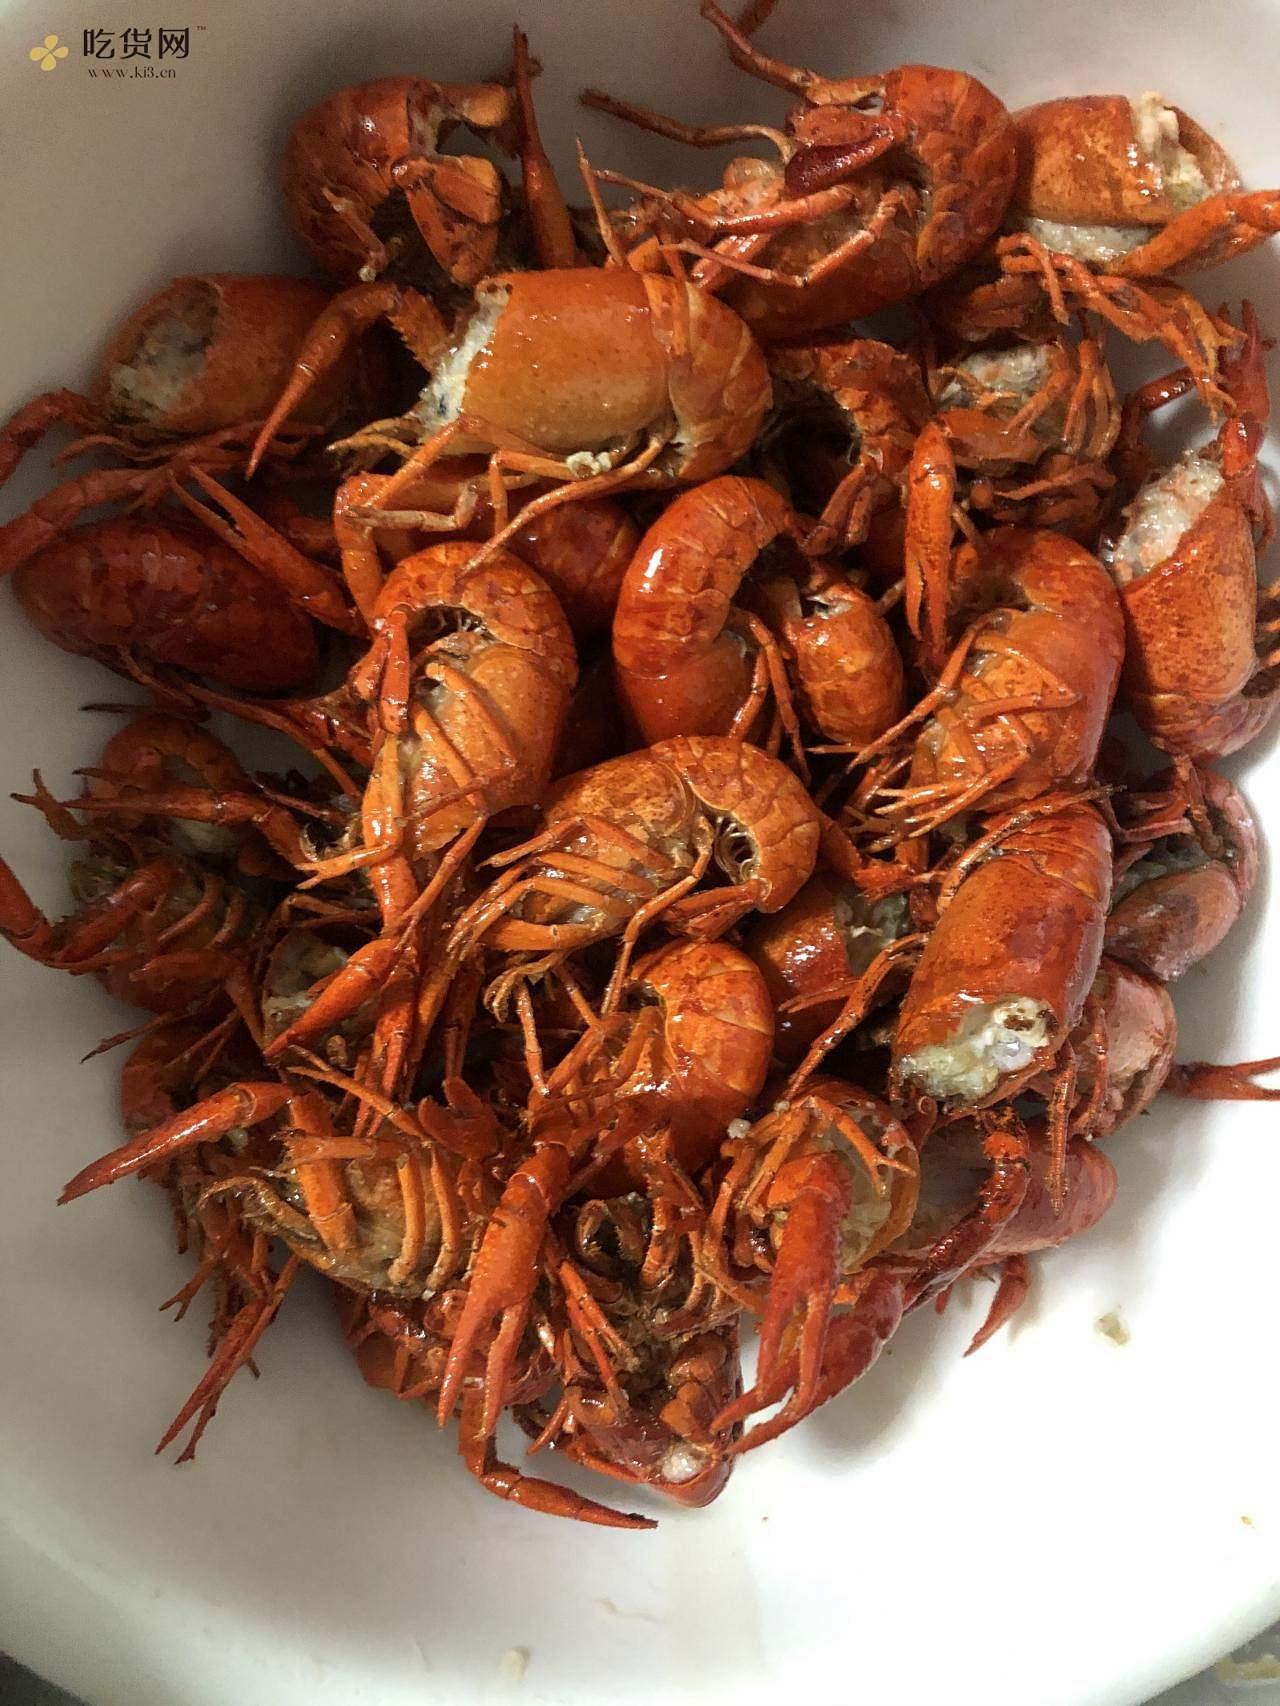 绝味麻辣小龙虾🦞的做法 步骤6